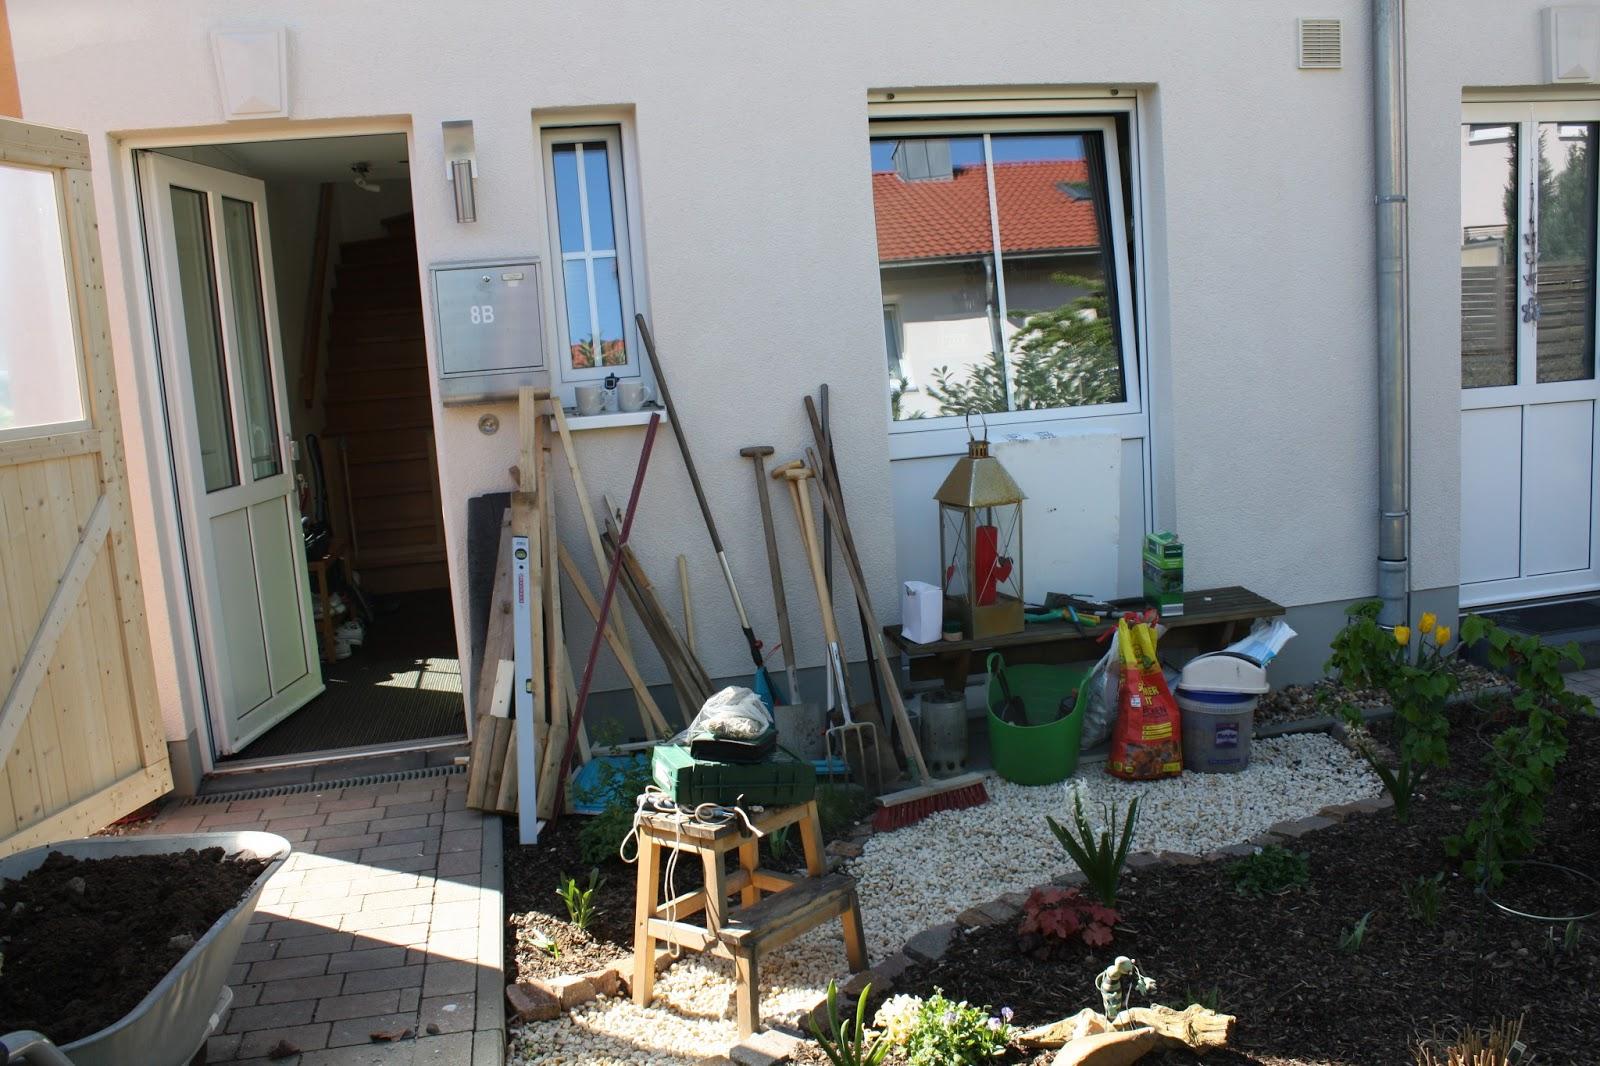 gartenhaus - endlich fertig :-) | butternapf